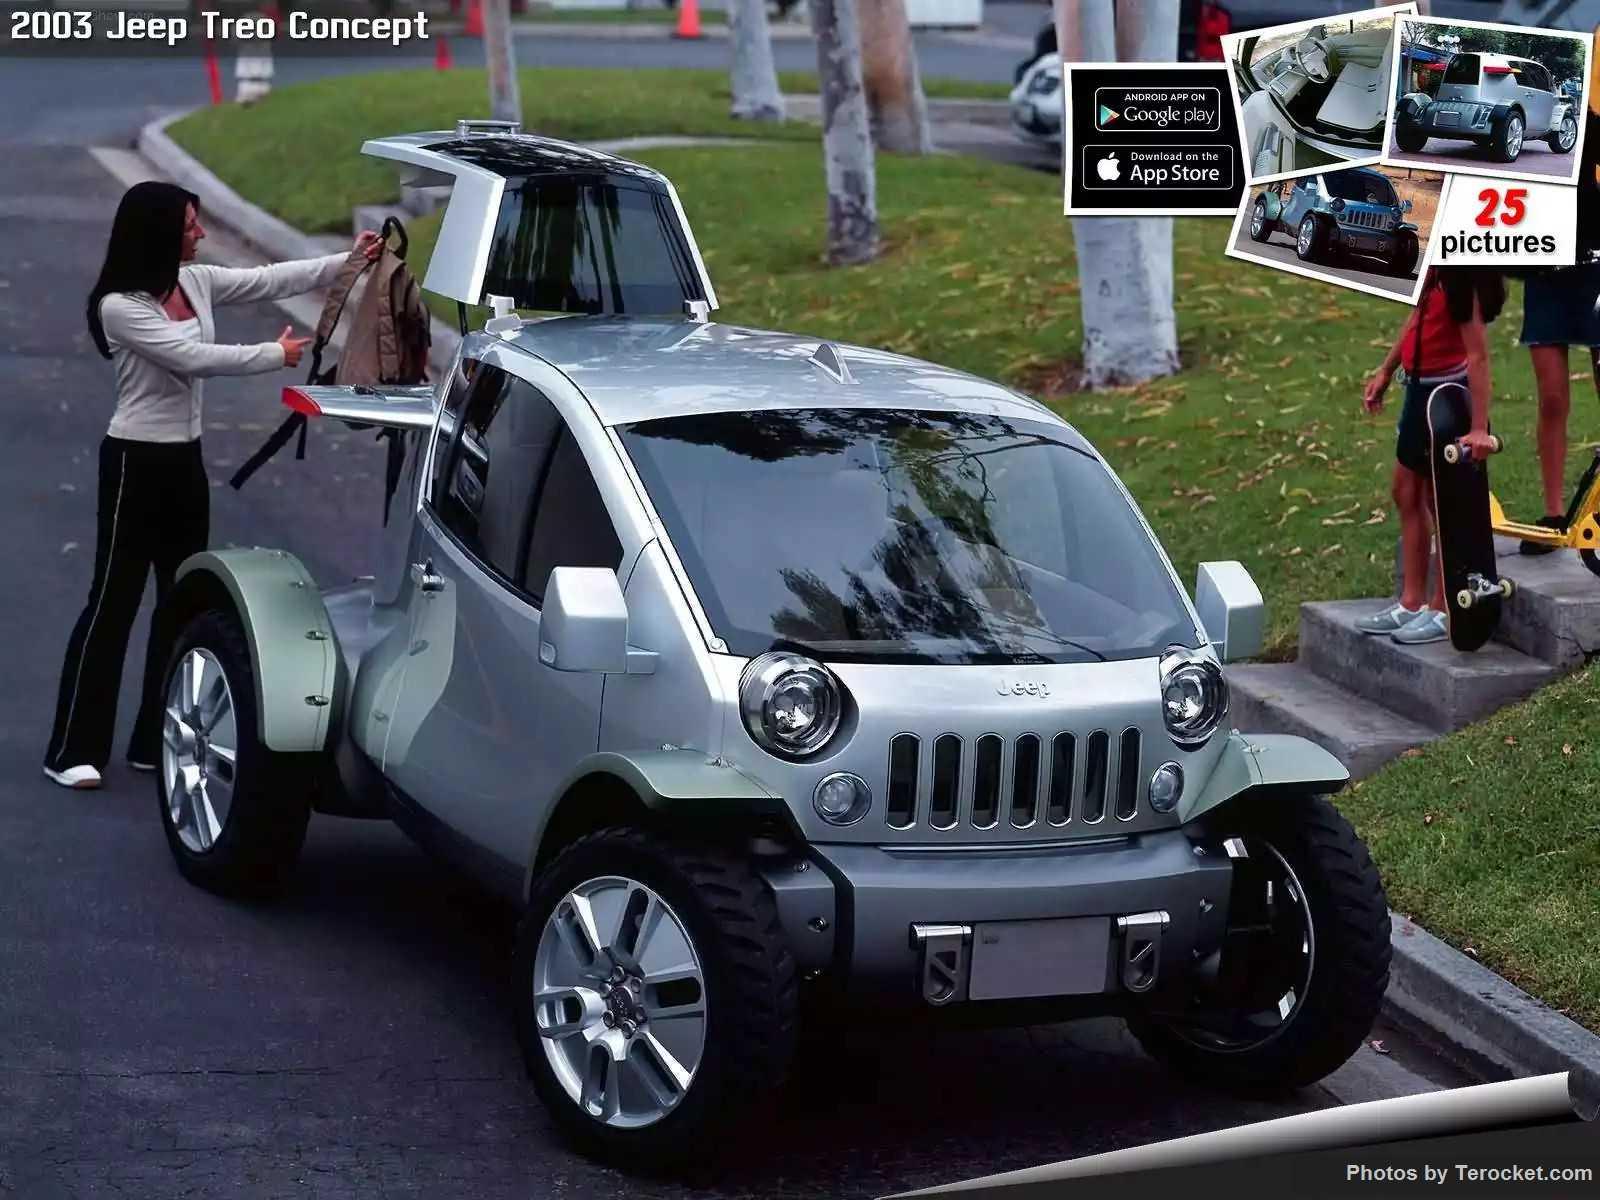 Hình ảnh xe ô tô Jeep Treo Concept 2003 & nội ngoại thất